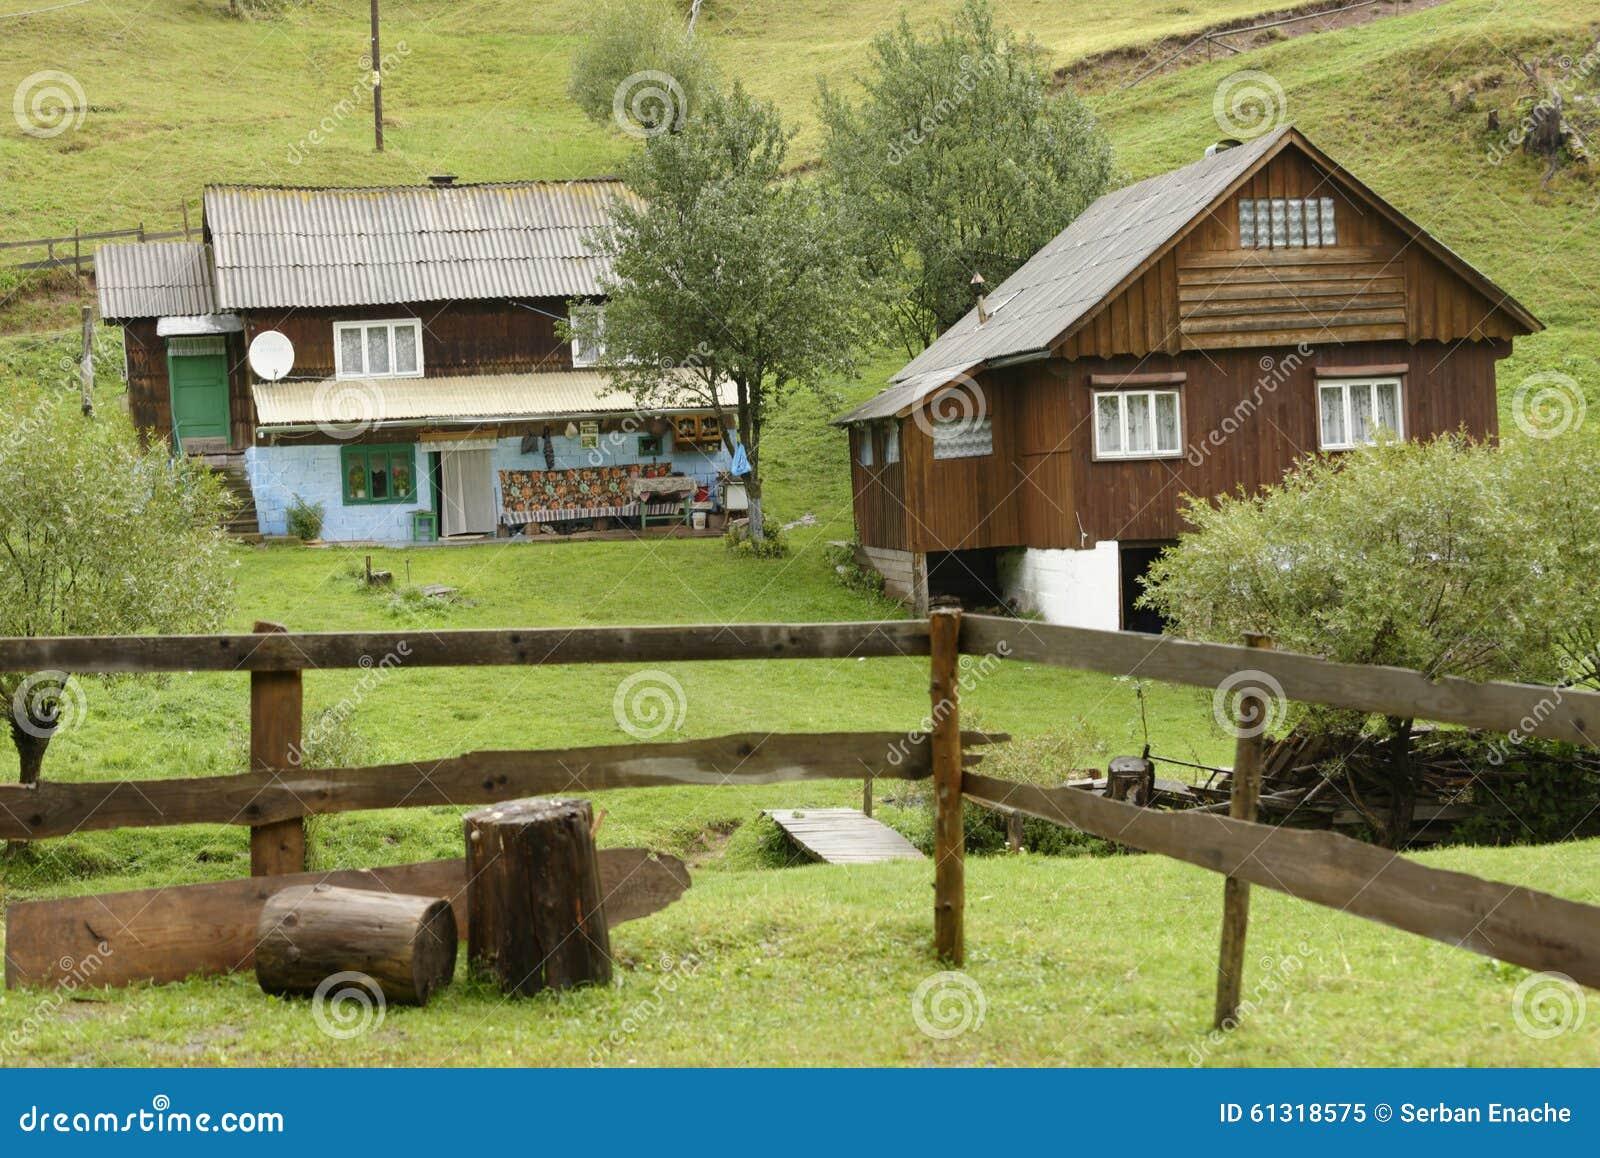 Case In Legno Romania : Case di legno montagne di apuseni romania immagine stock